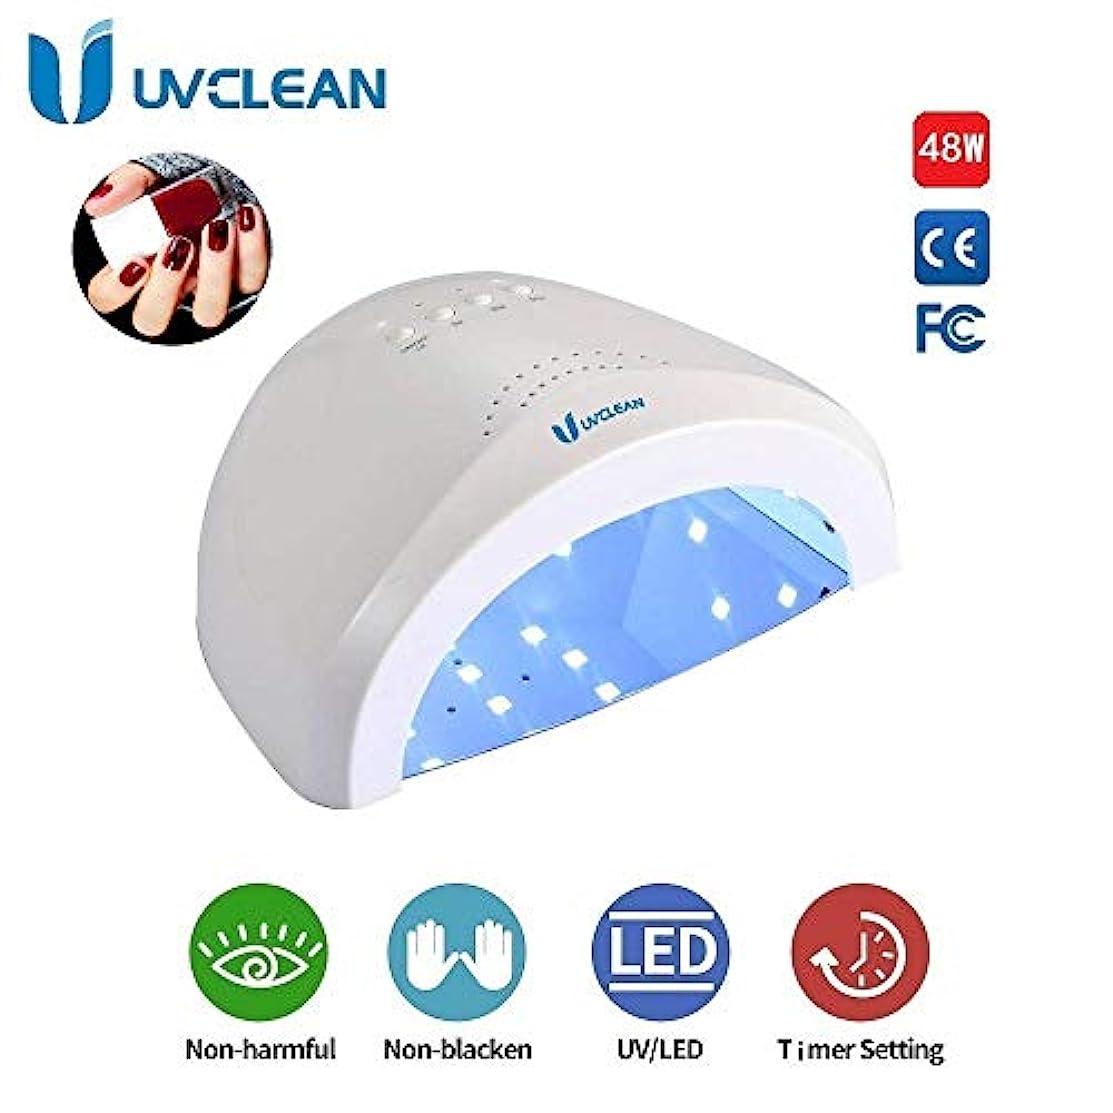 夜明けあなたが良くなりますダウンタイマー記憶センサーと2倍速の機能を有する48wのUV LEDネイルランプ、ネイルカラー乾燥機、ネイルカラー硬化ランプ、ネイルサロンランプ (ホワイト)